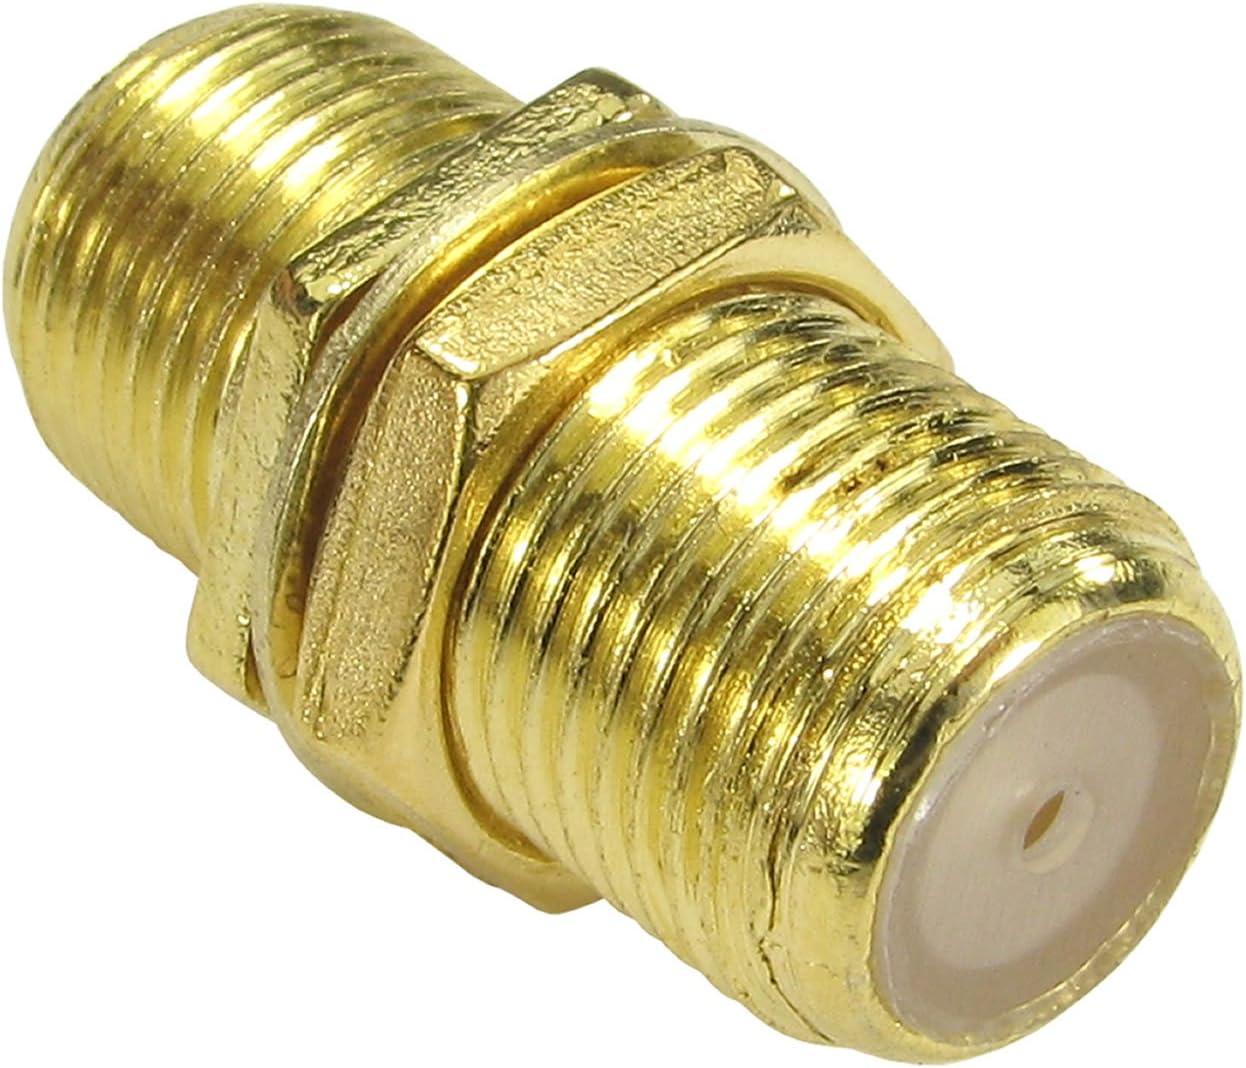 F Tipo Conector Acoplador Unir Sat ONO Cables con Tuerca Oro: Amazon.es: Electrónica